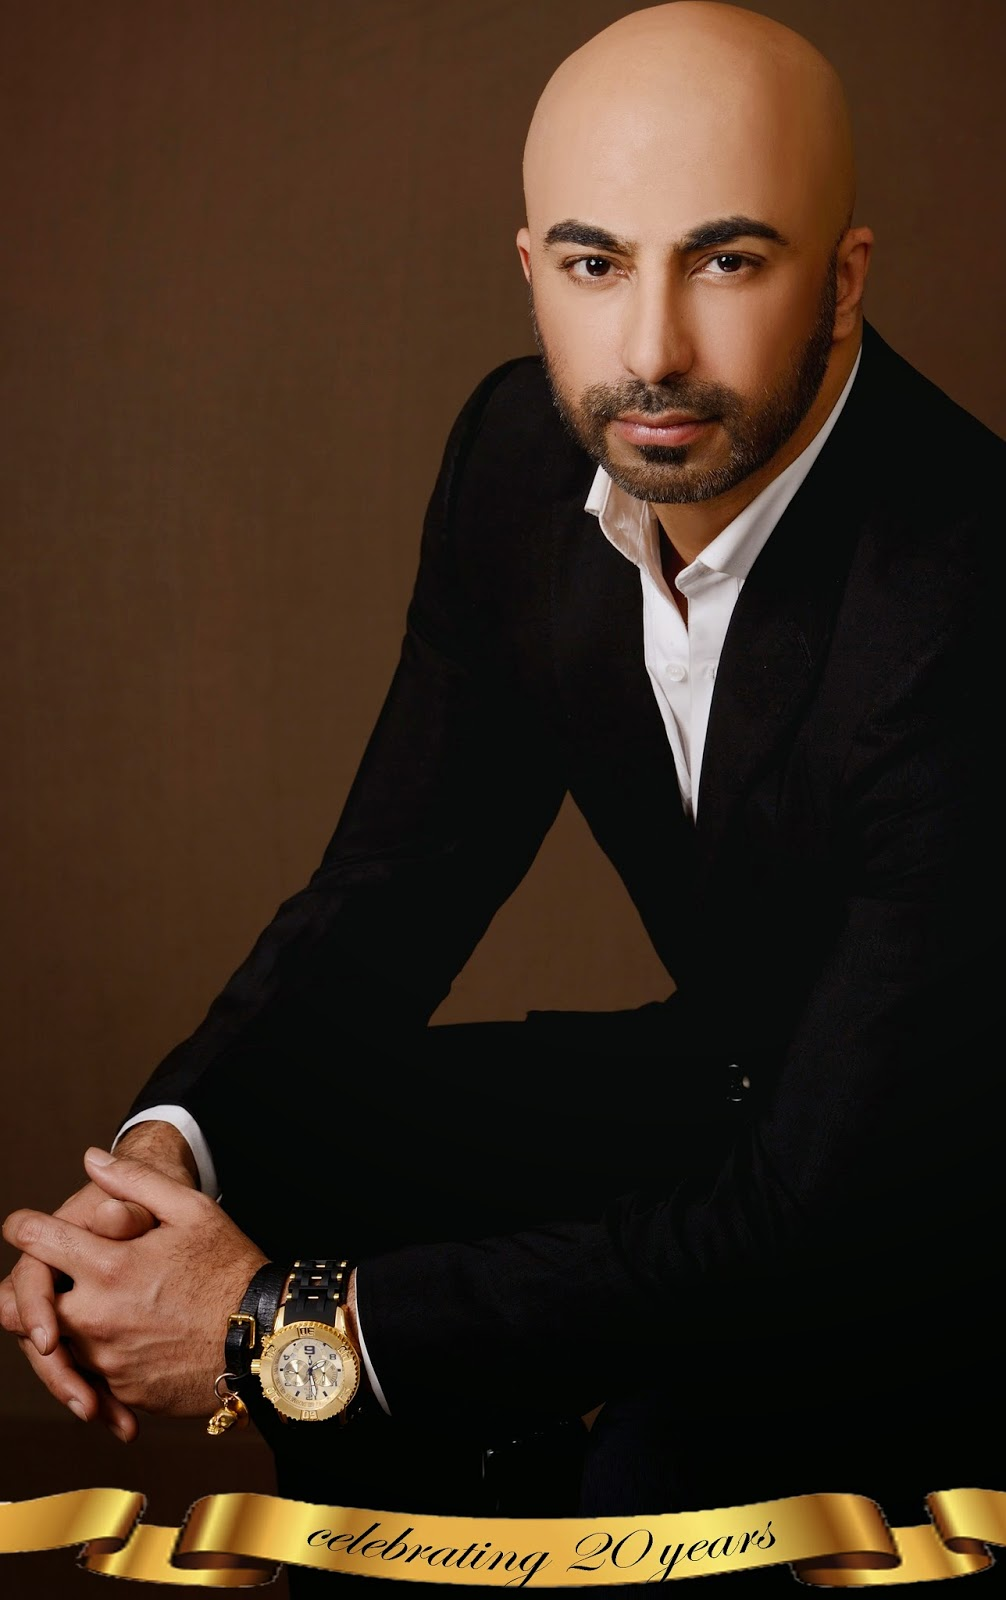 HSY - Hassan Sheheryar Yasin